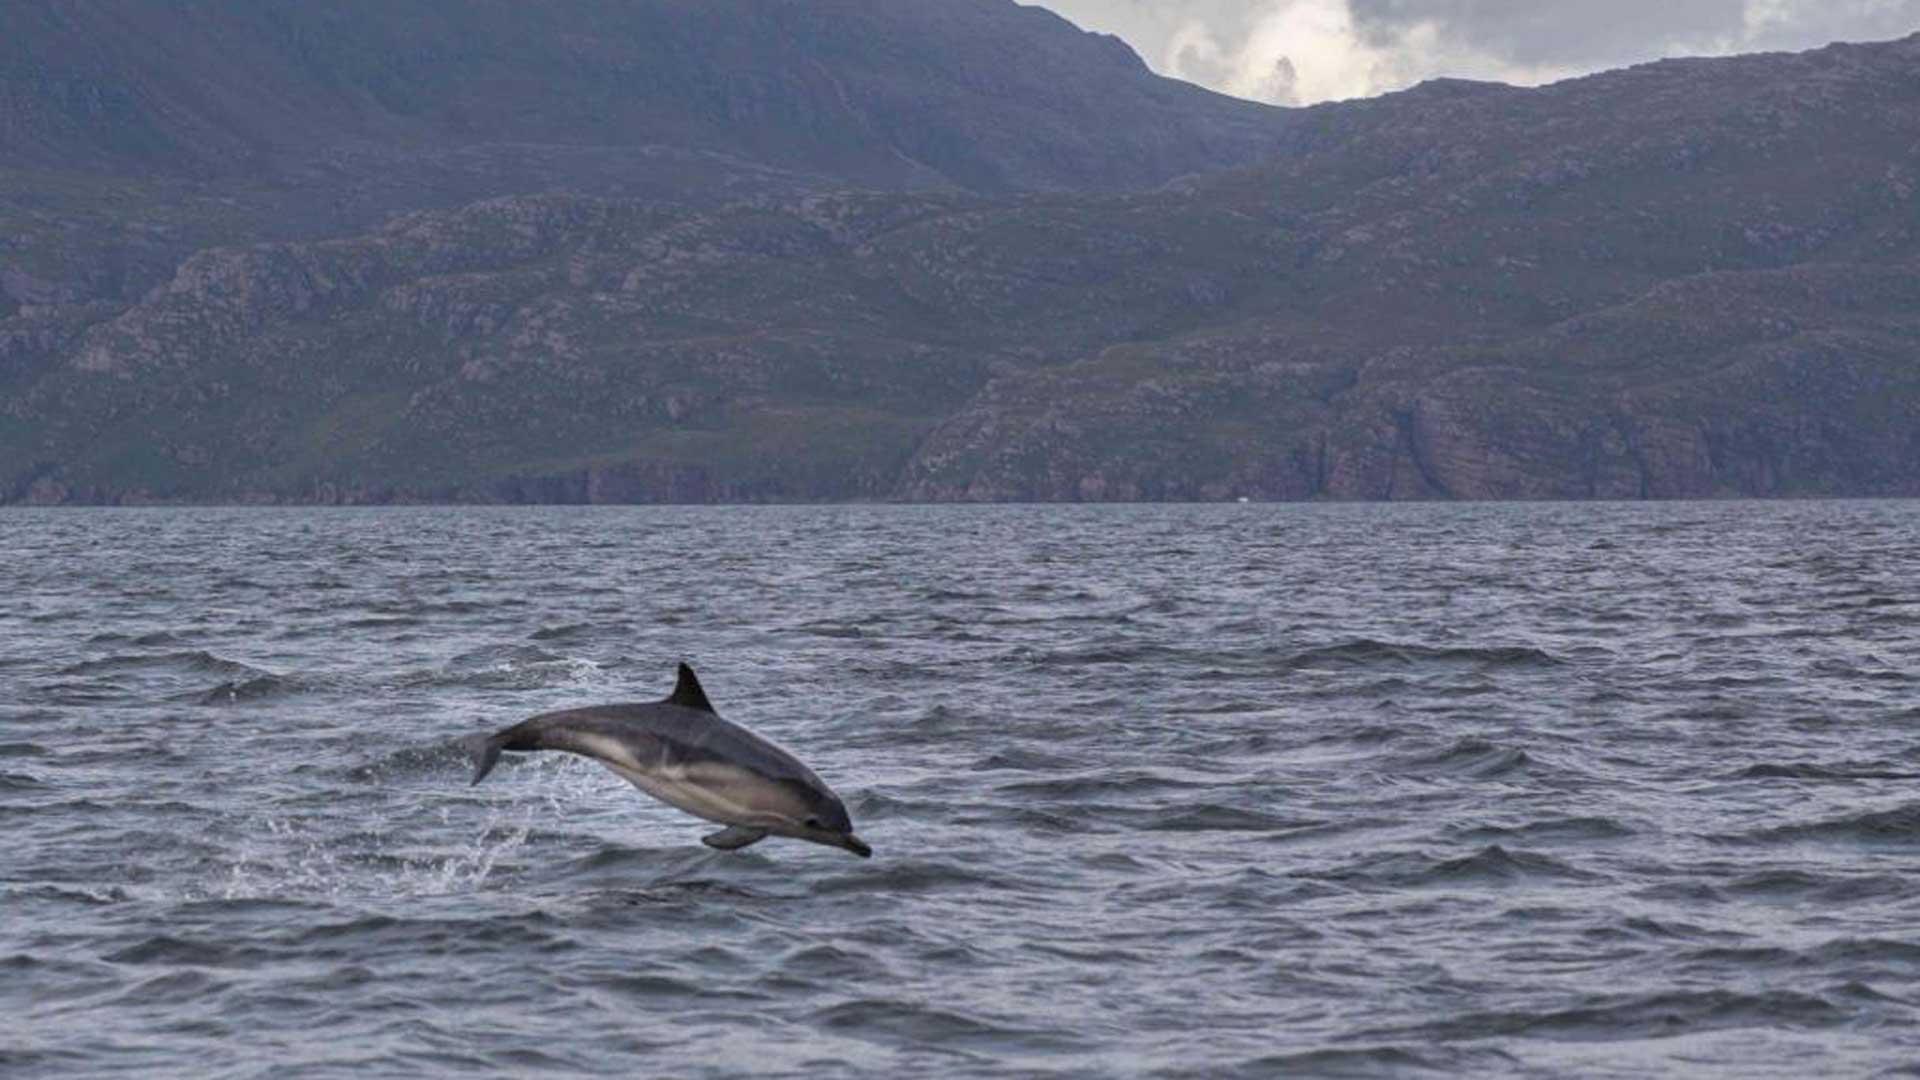 Delfin in freier Wildbahn. (Foto: Kristian)